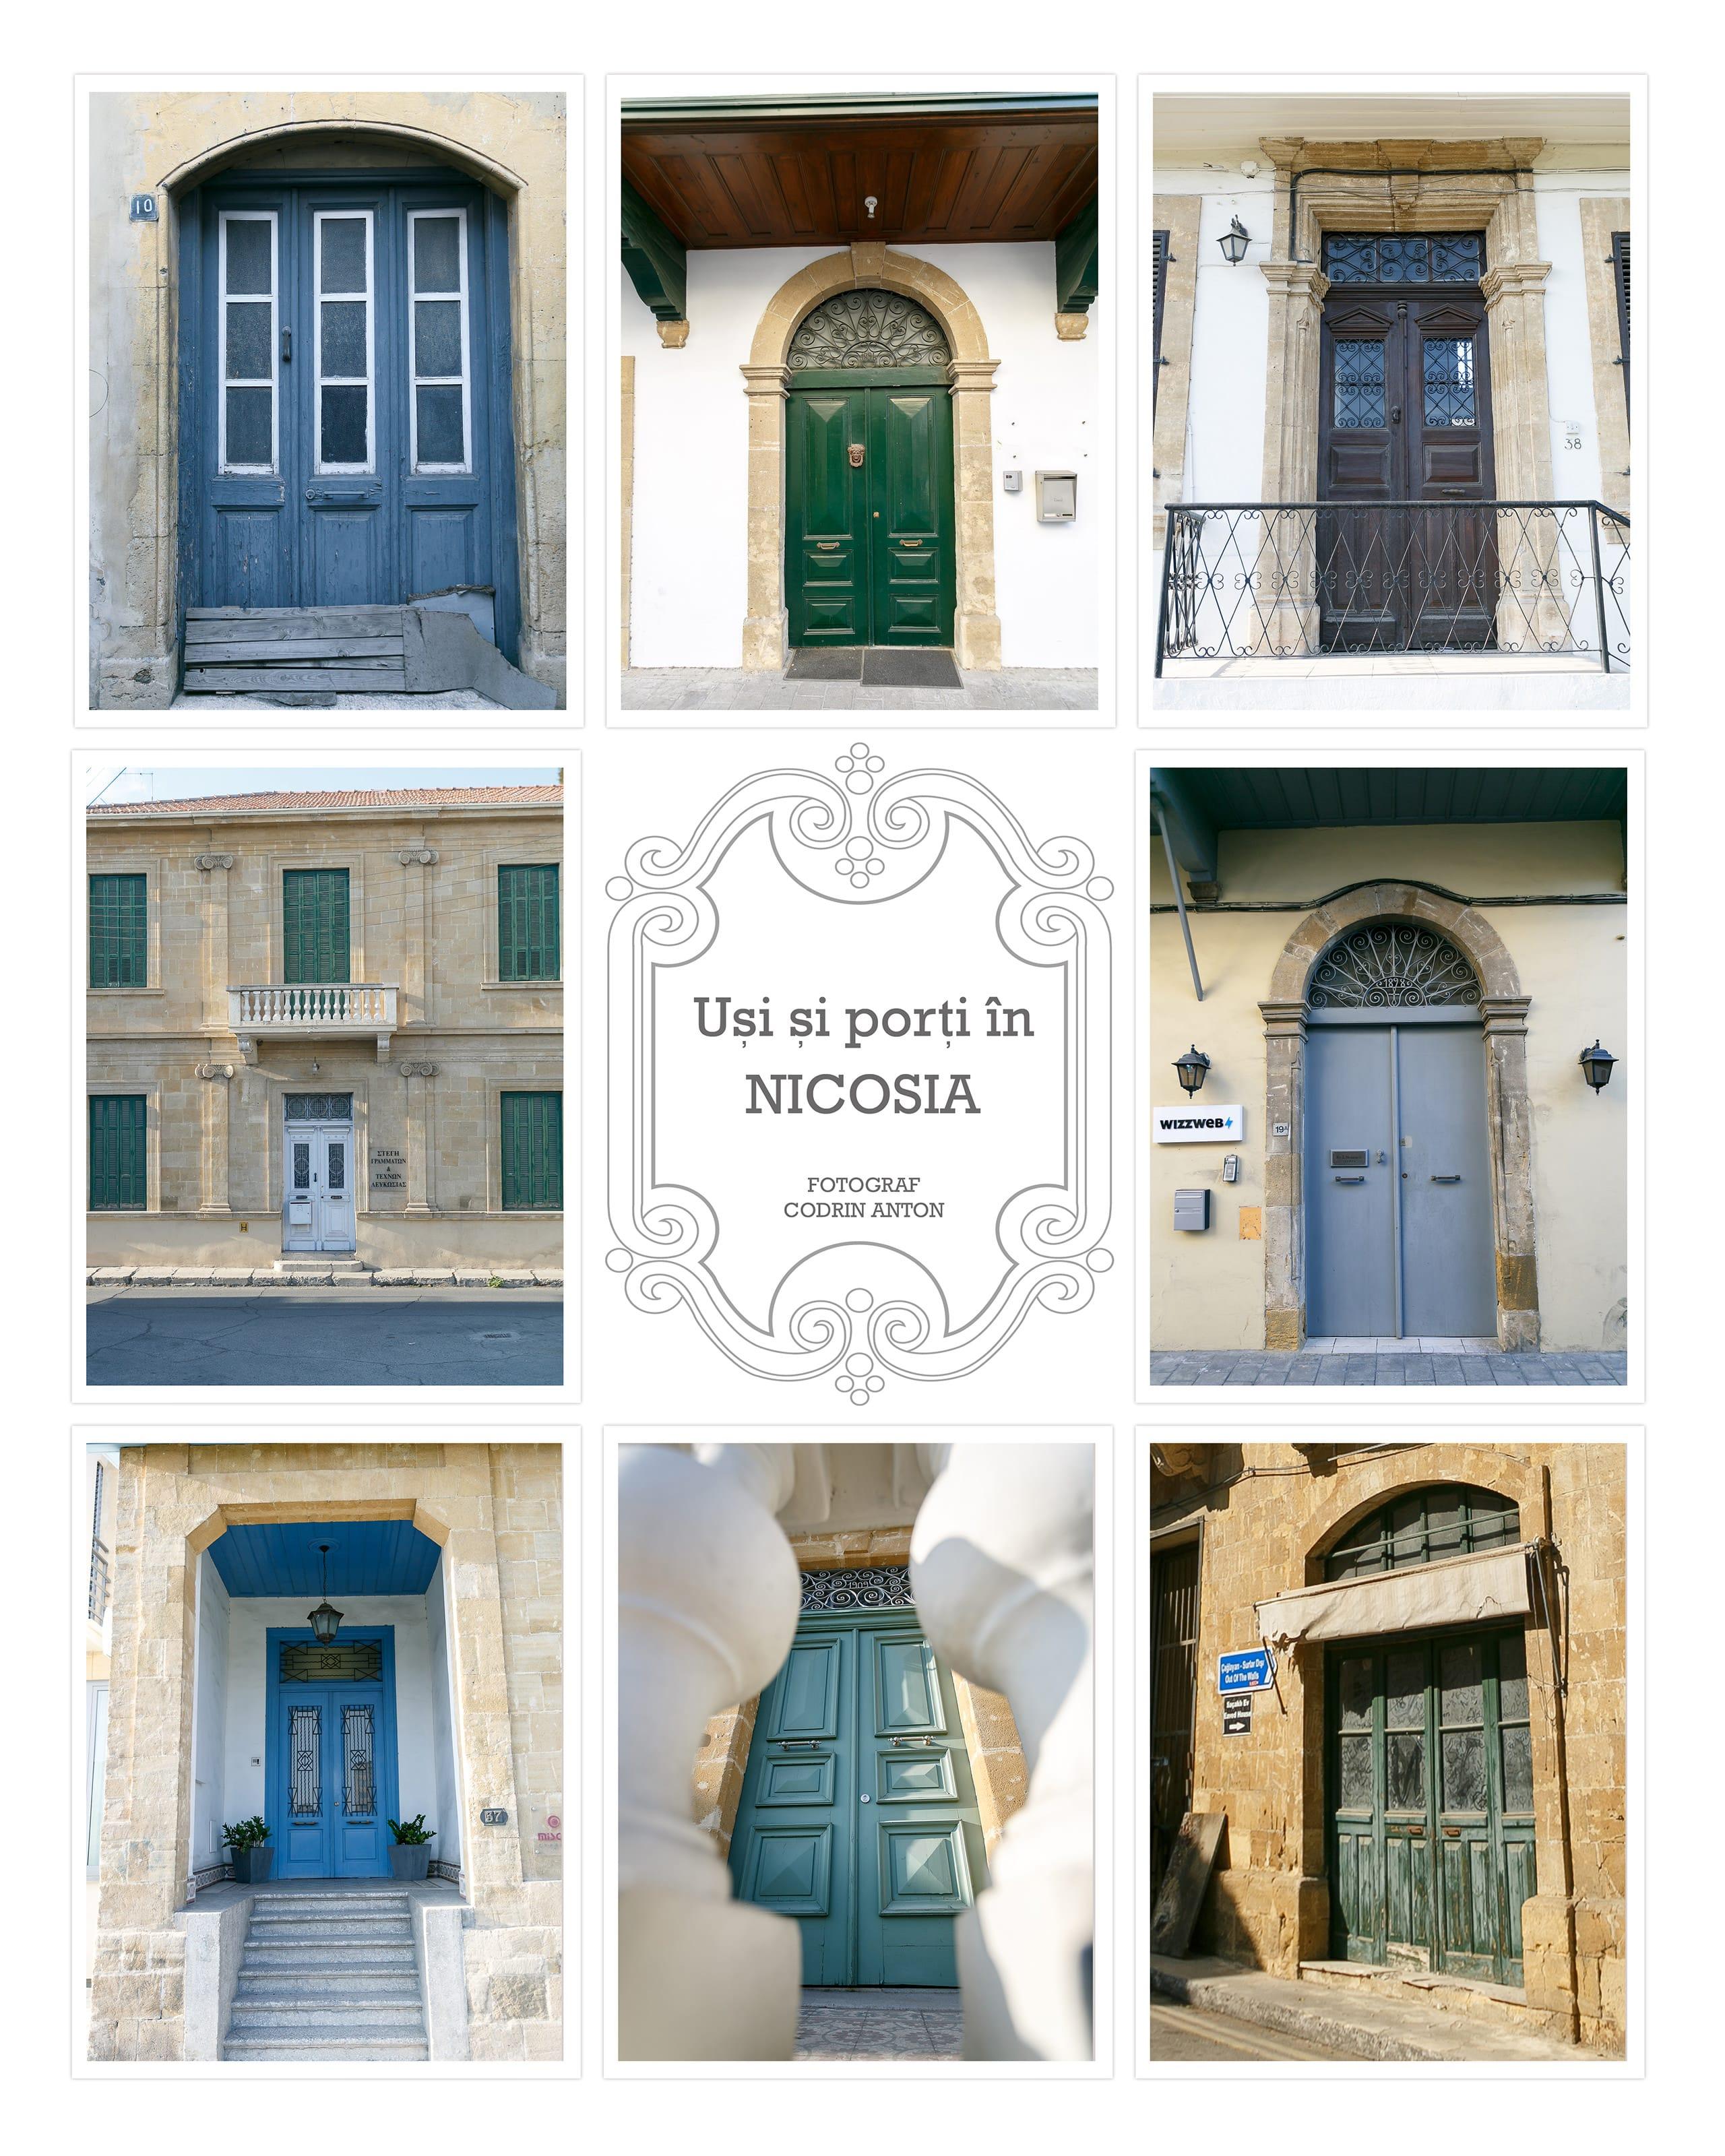 Proiect foto nou: uşi şi porţi în Nicosia - Diverse